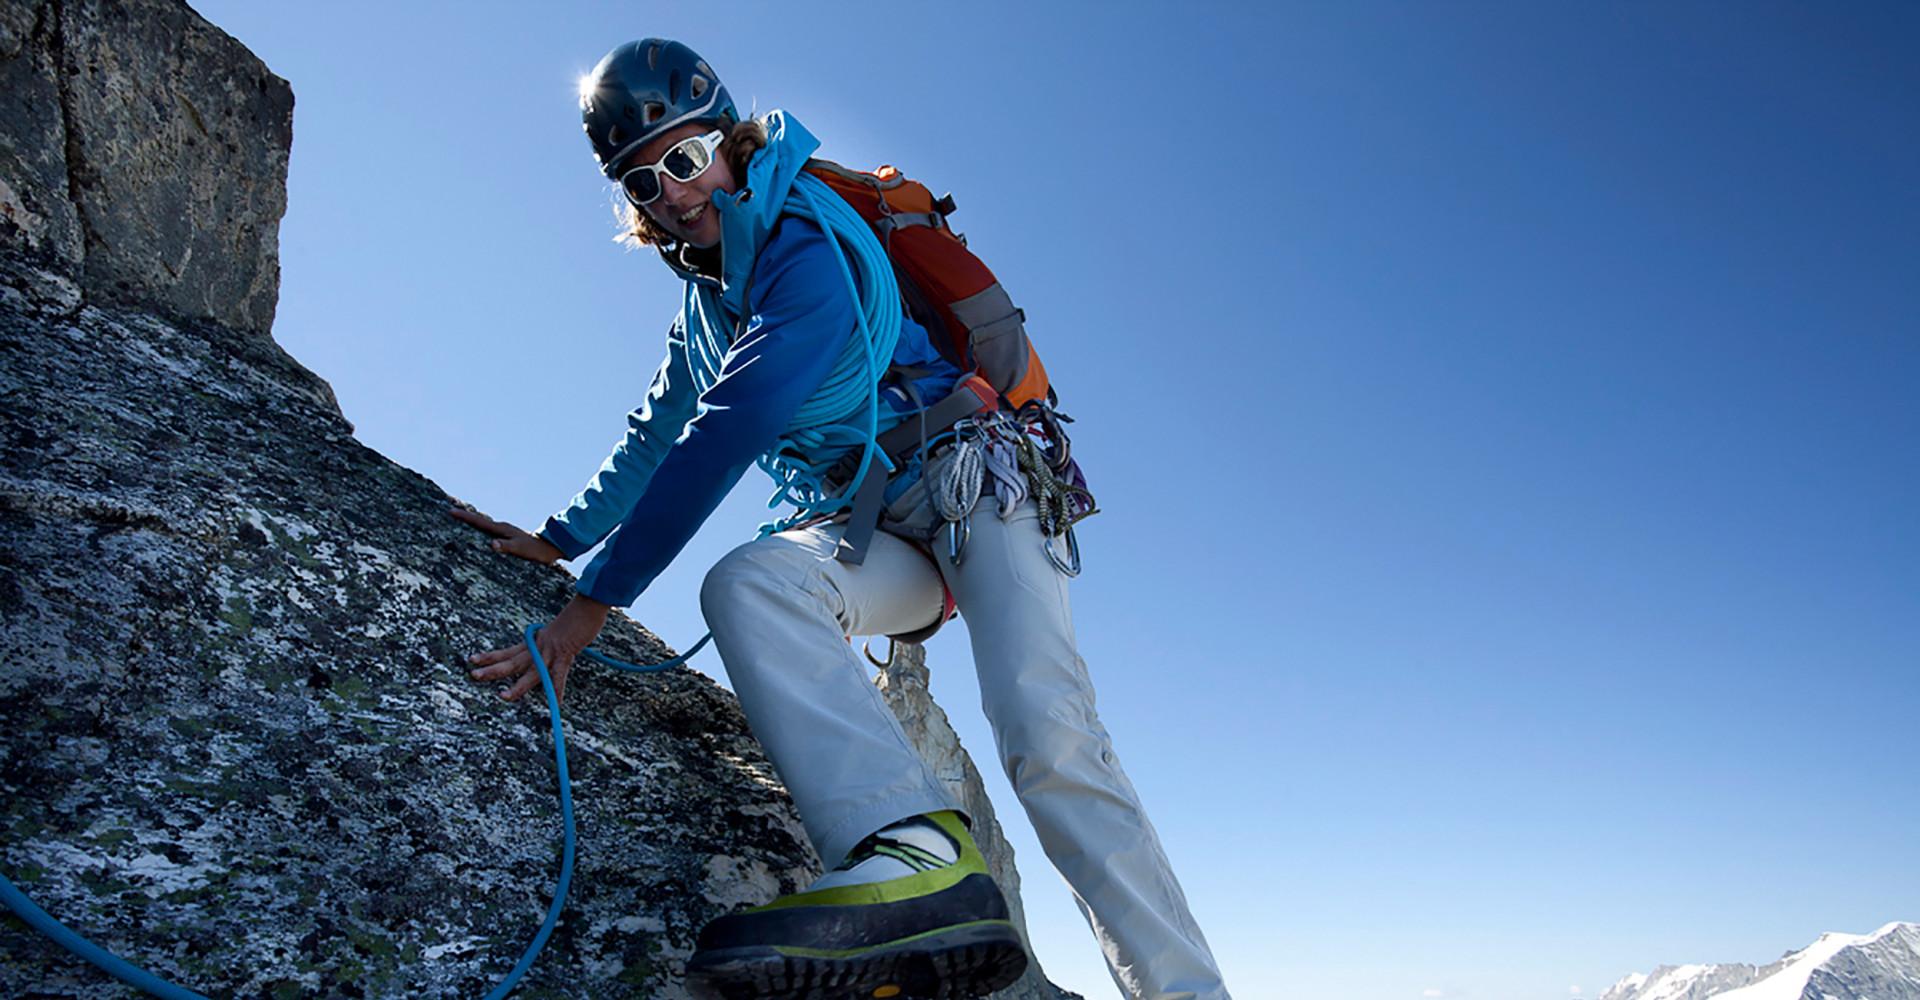 swtzld_wallis_ascent_denttsalion_111